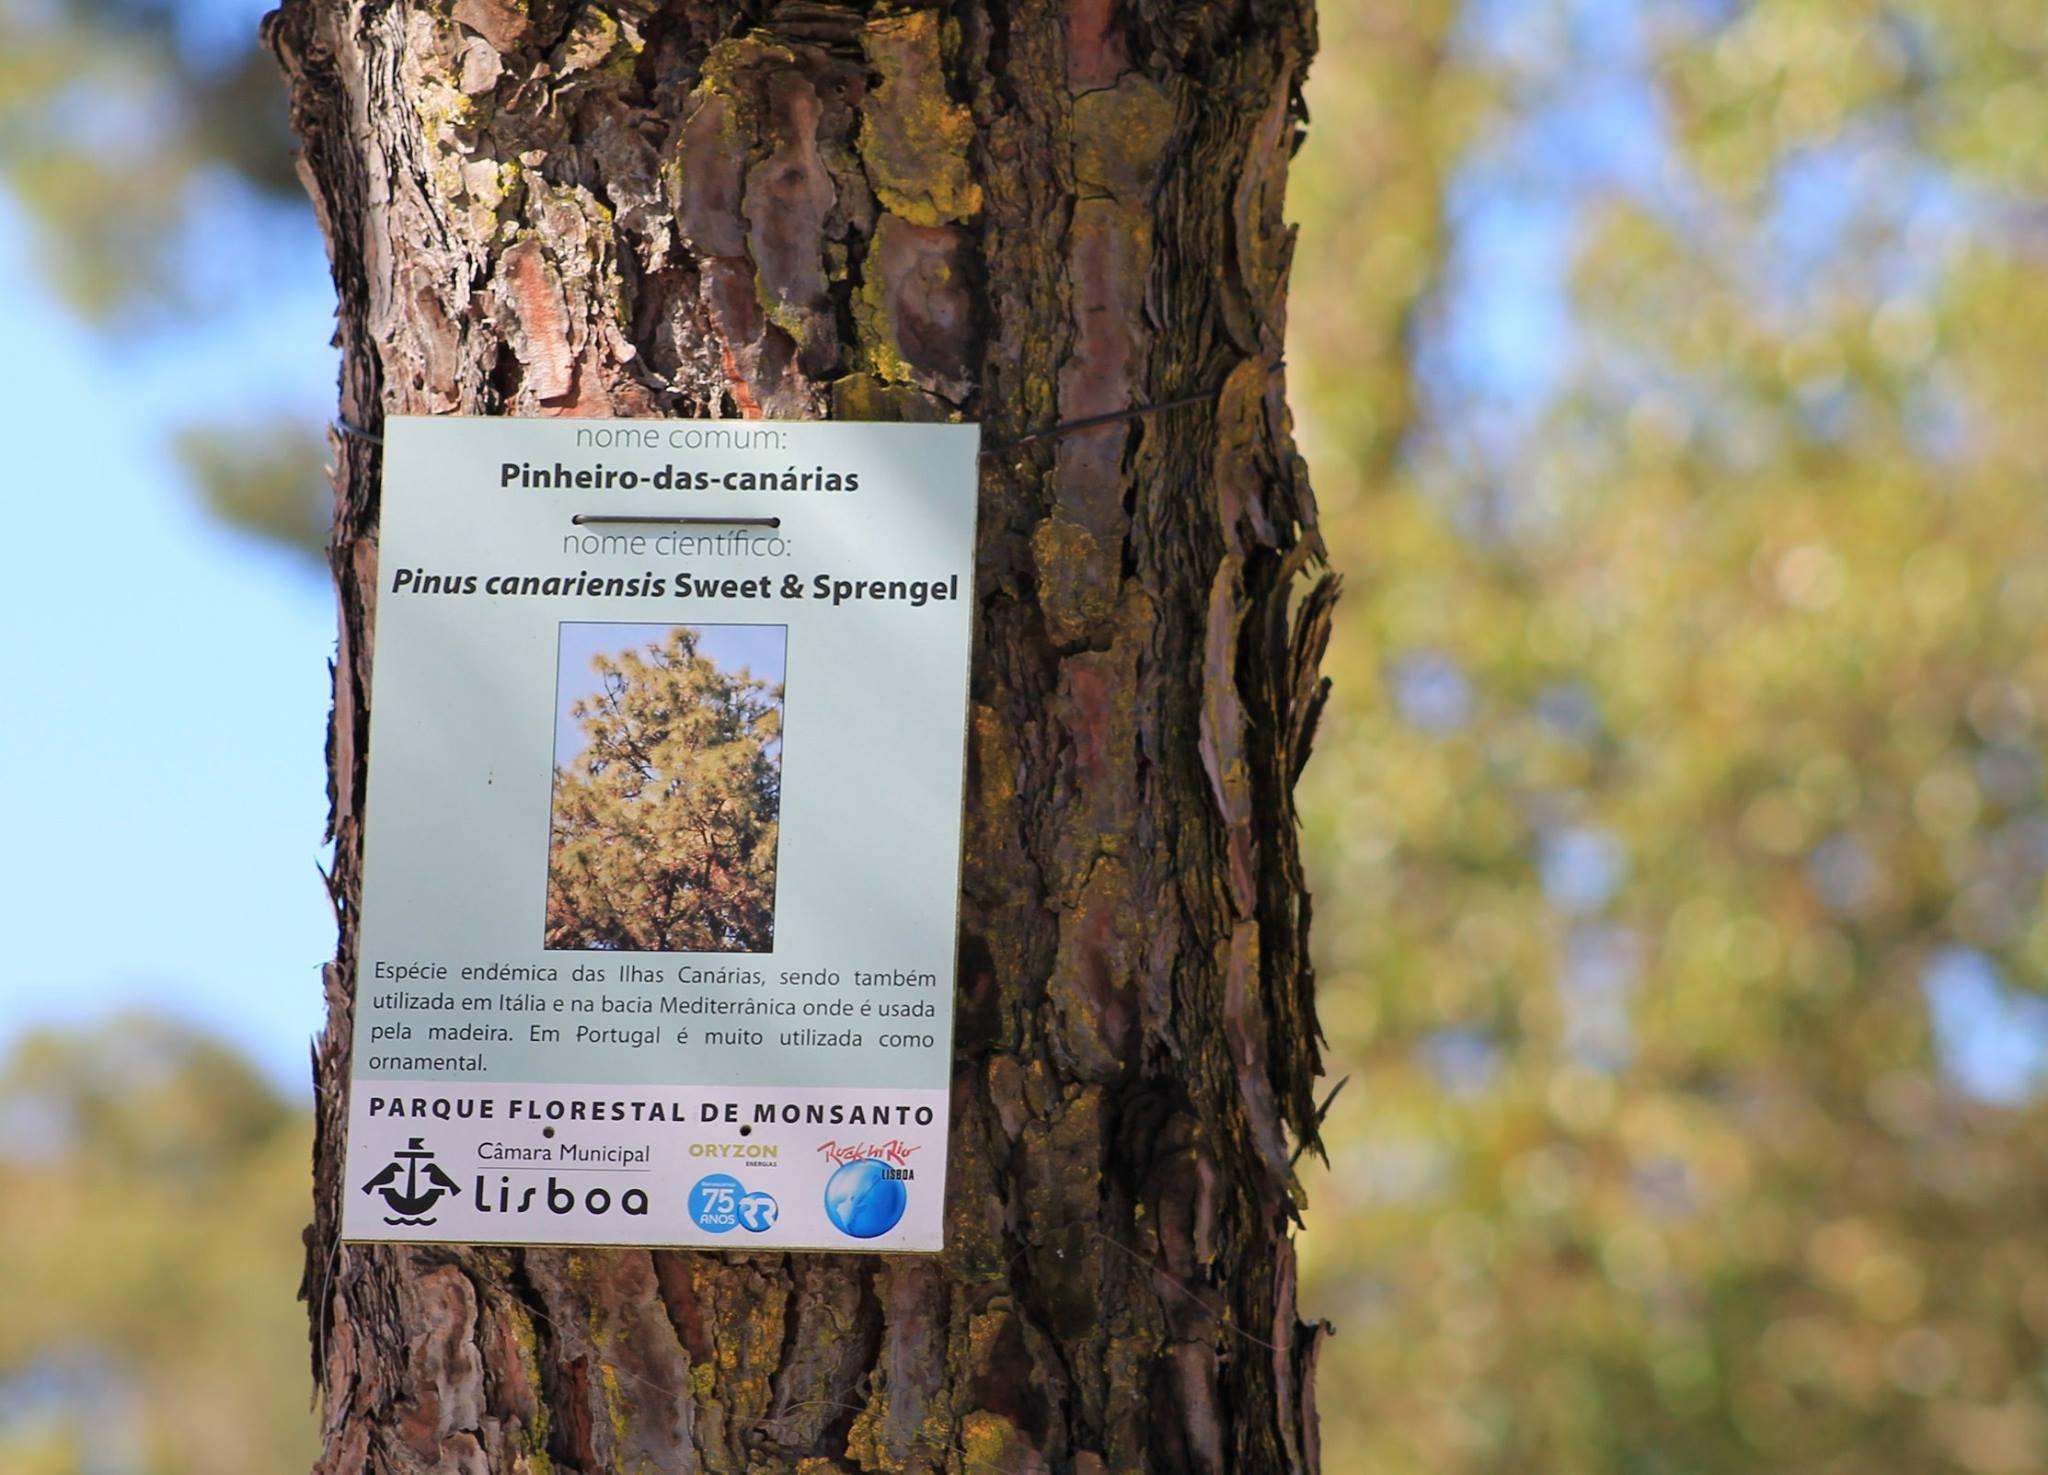 Aprender com o Parque Florestal de Monsanto e com os seus espécimes.